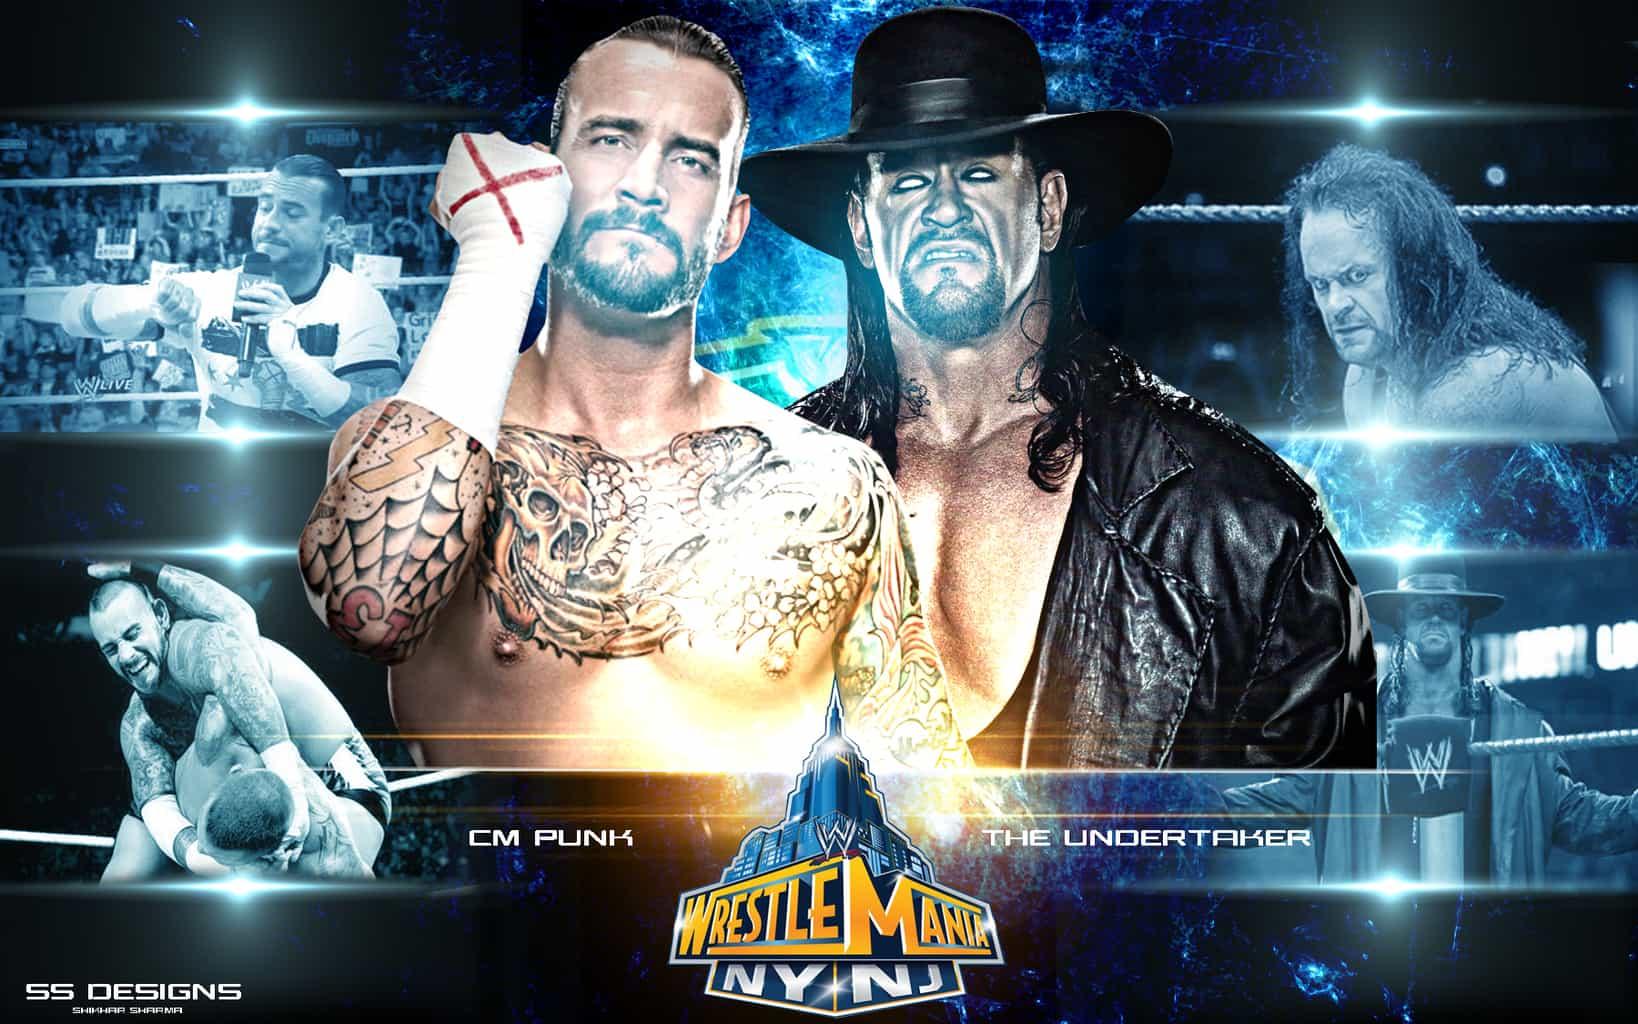 Mi Opinion La Lucha De Cm Punk Vs Undertaker Fue Demasiado